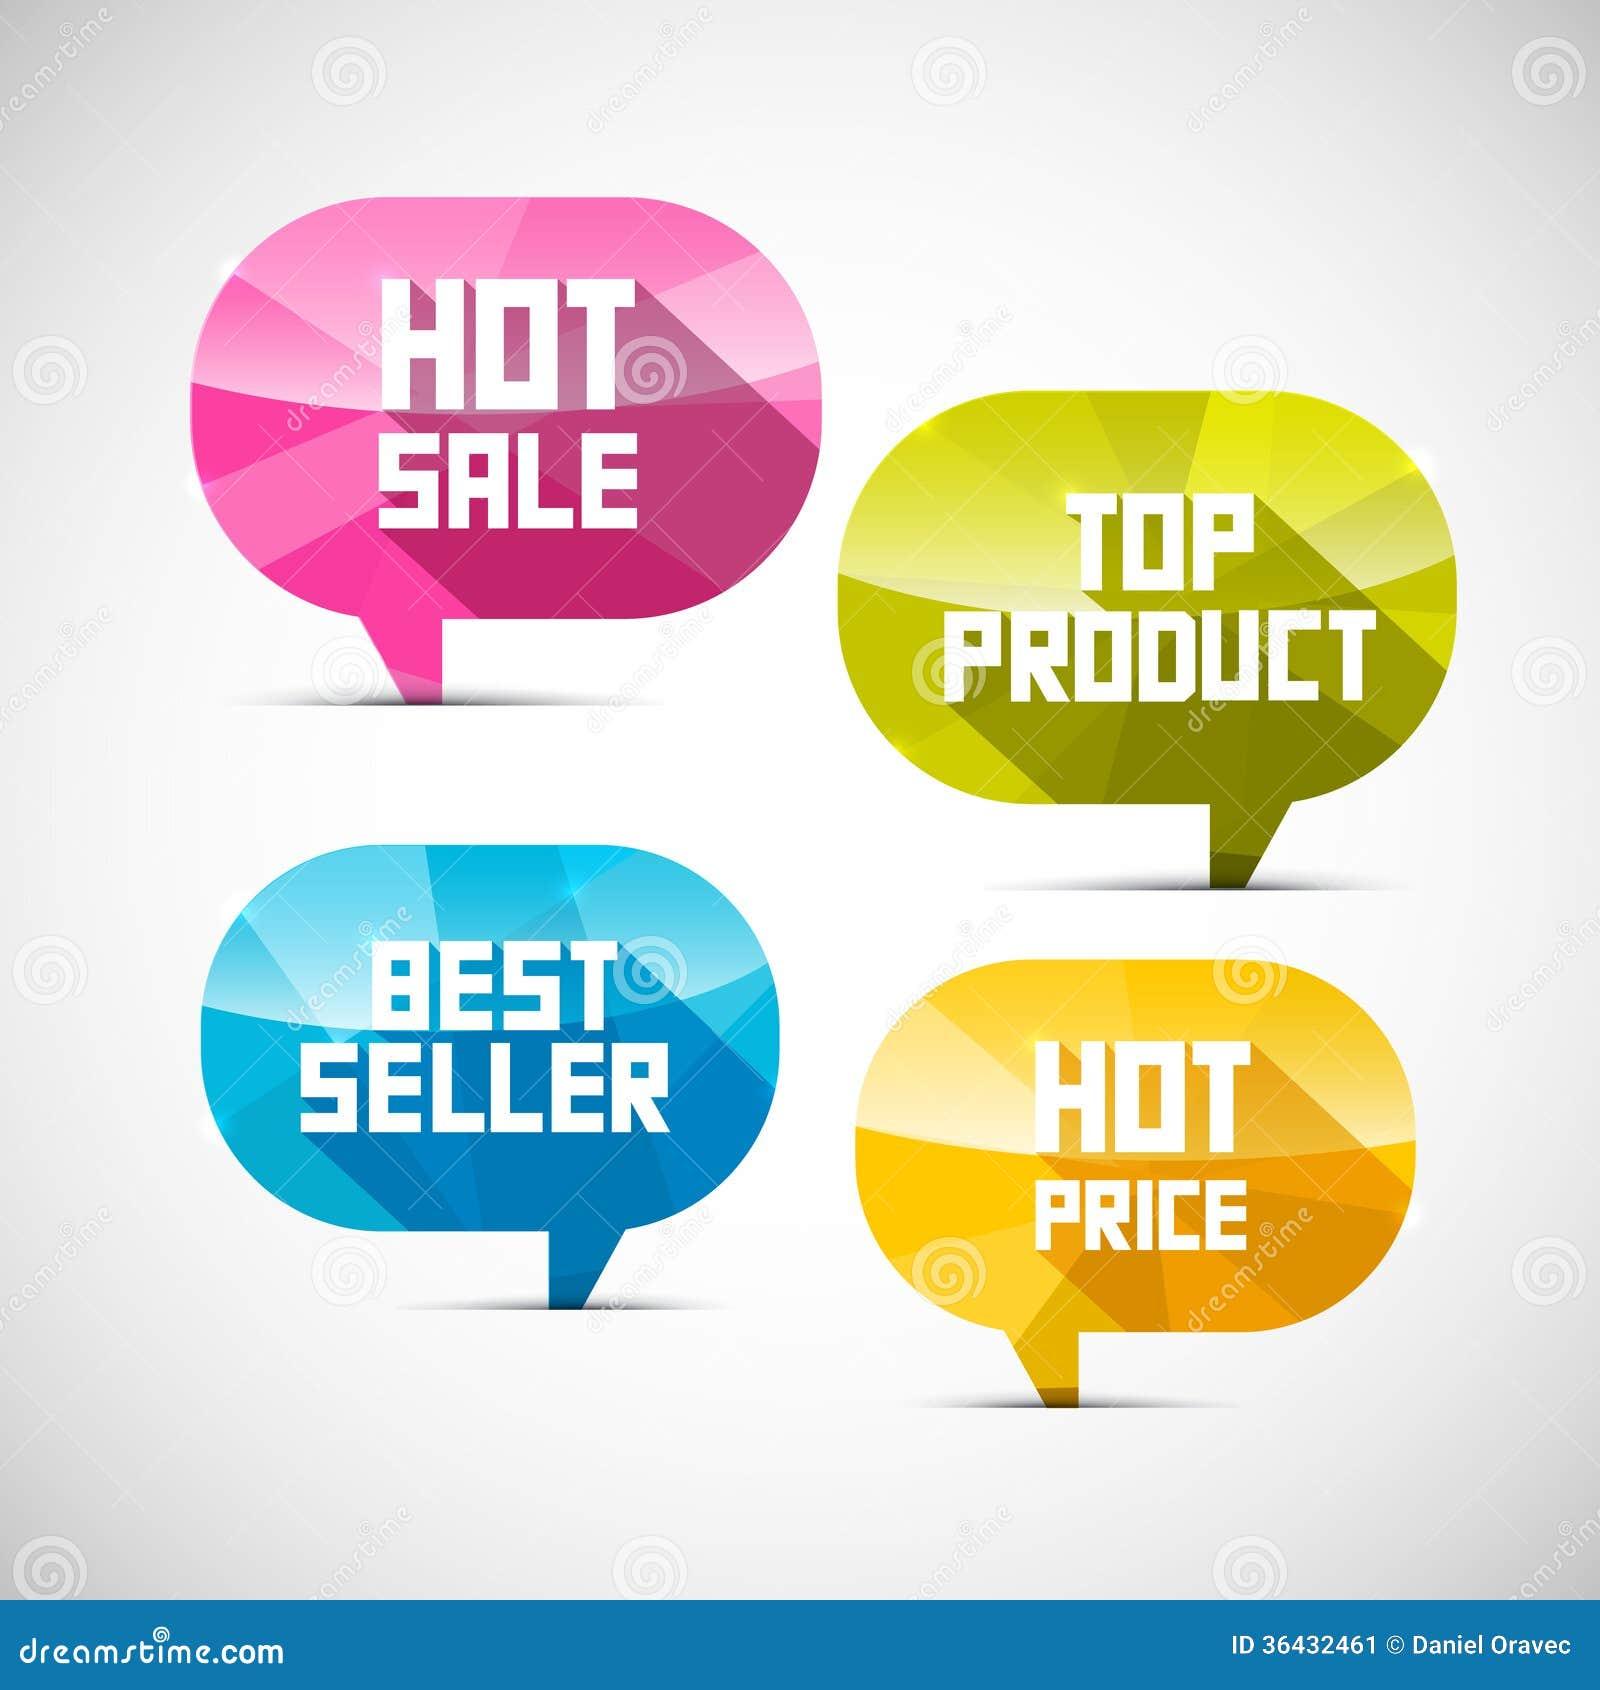 Etiquetas o melhor vendedor, produto superior, venda quente, preço